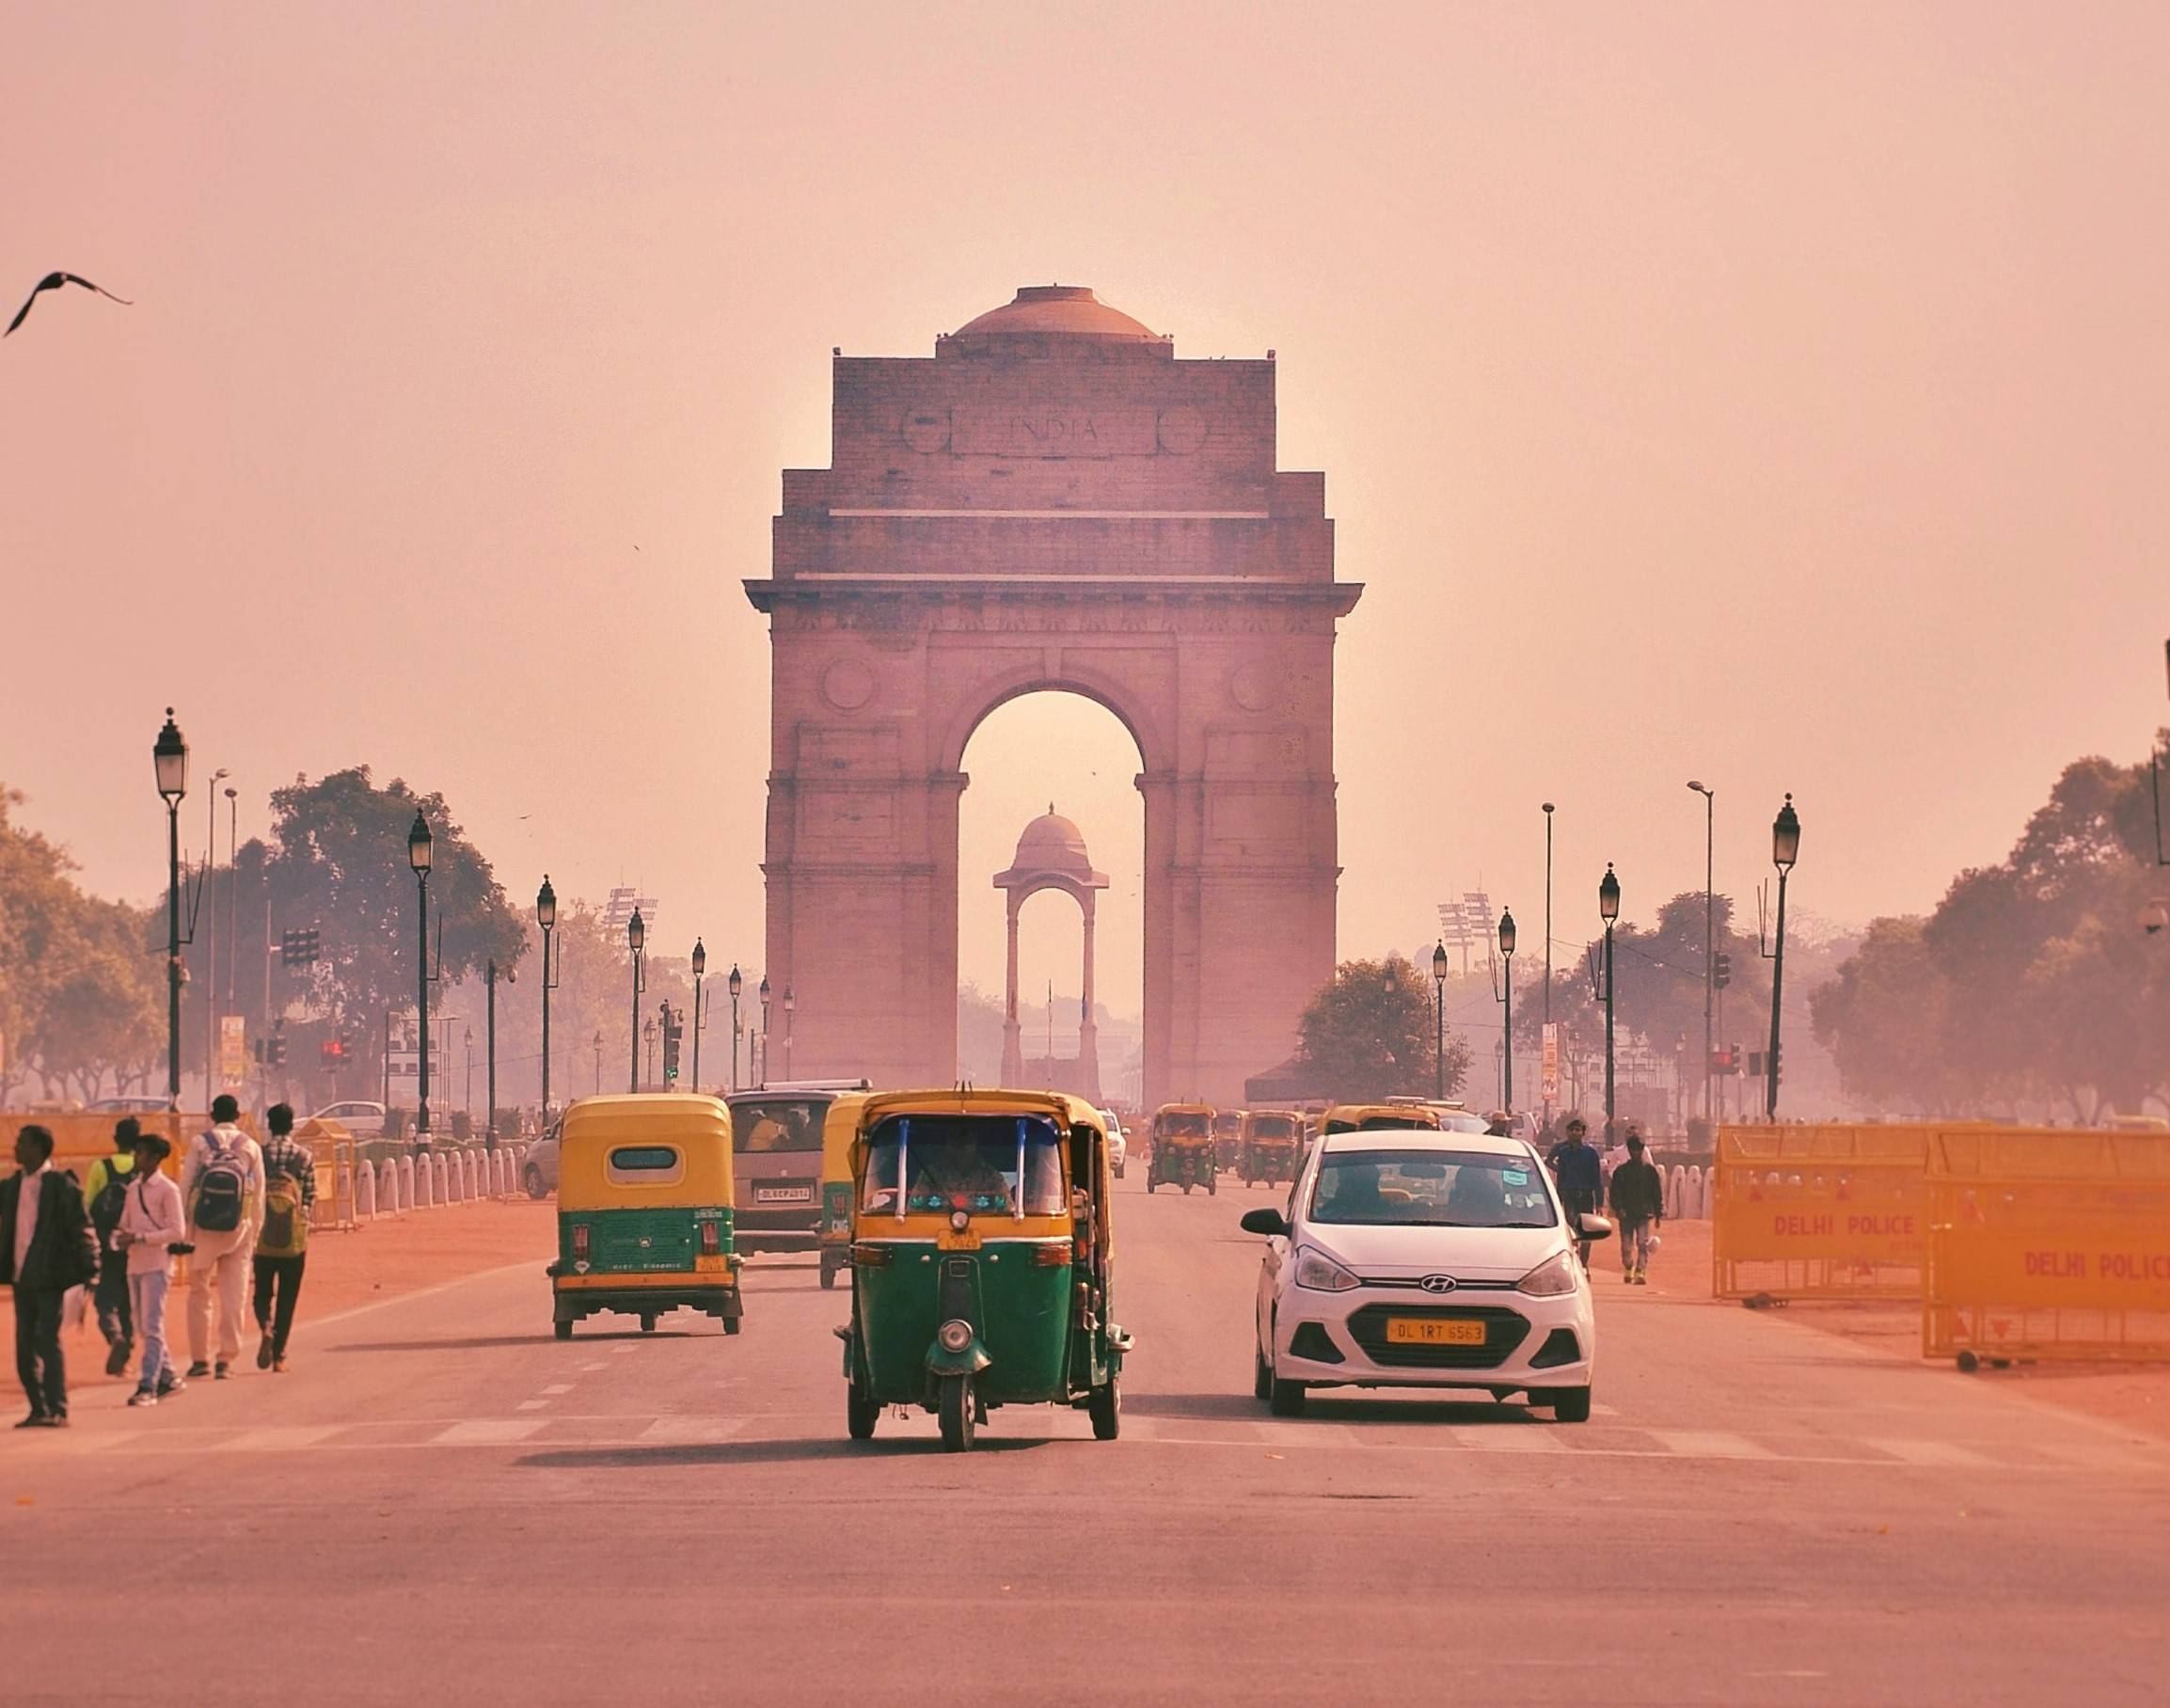 India Gate, New Delhi